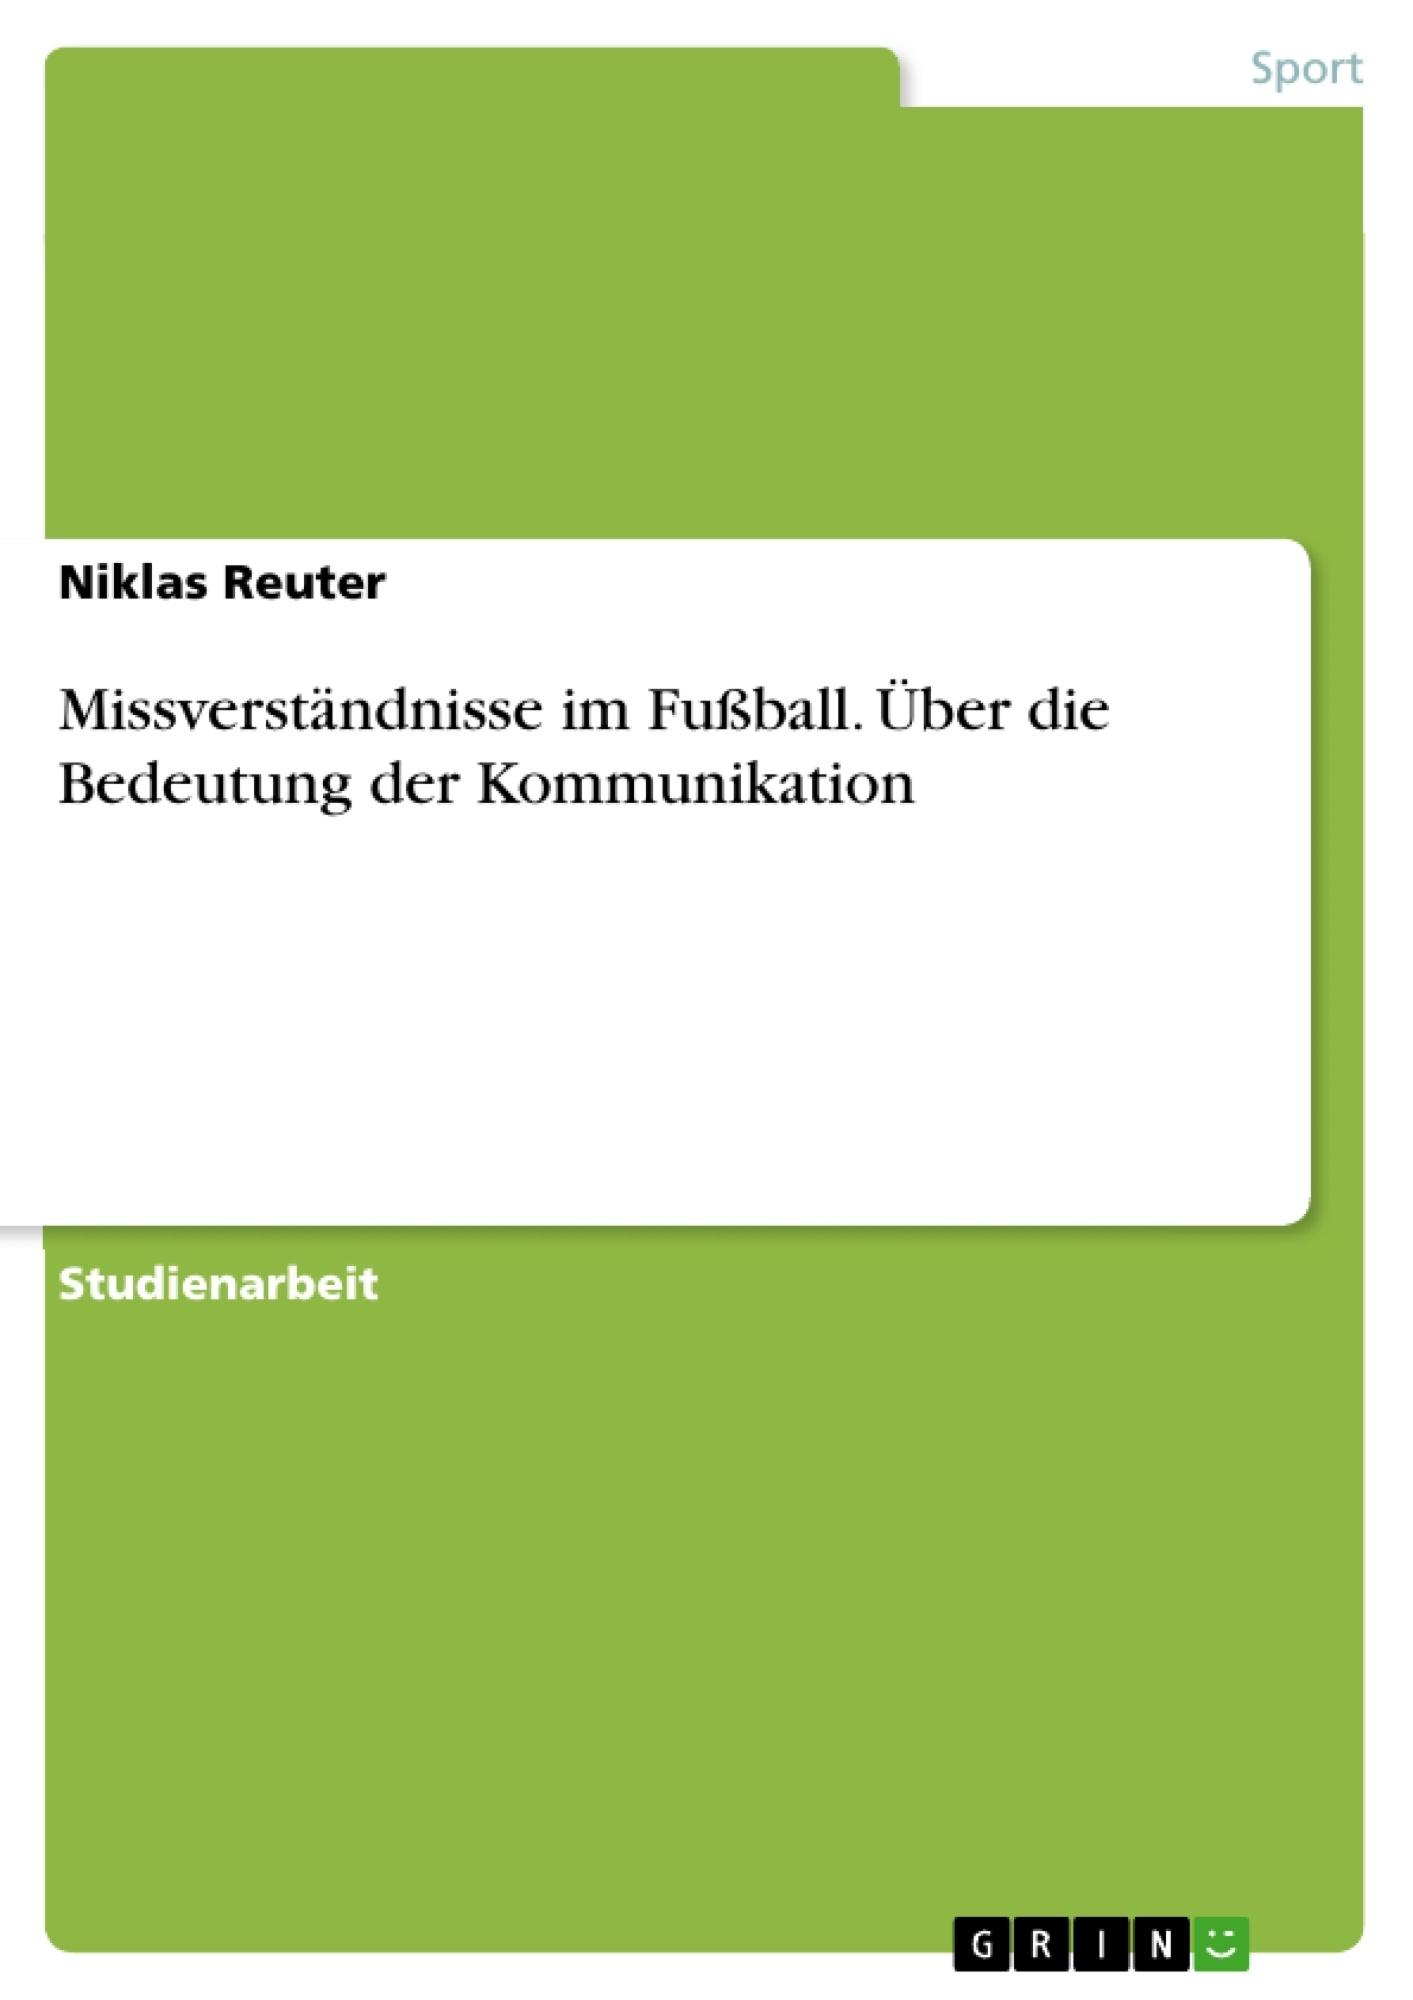 Titel: Missverständnisse im Fußball. Über die Bedeutung der Kommunikation